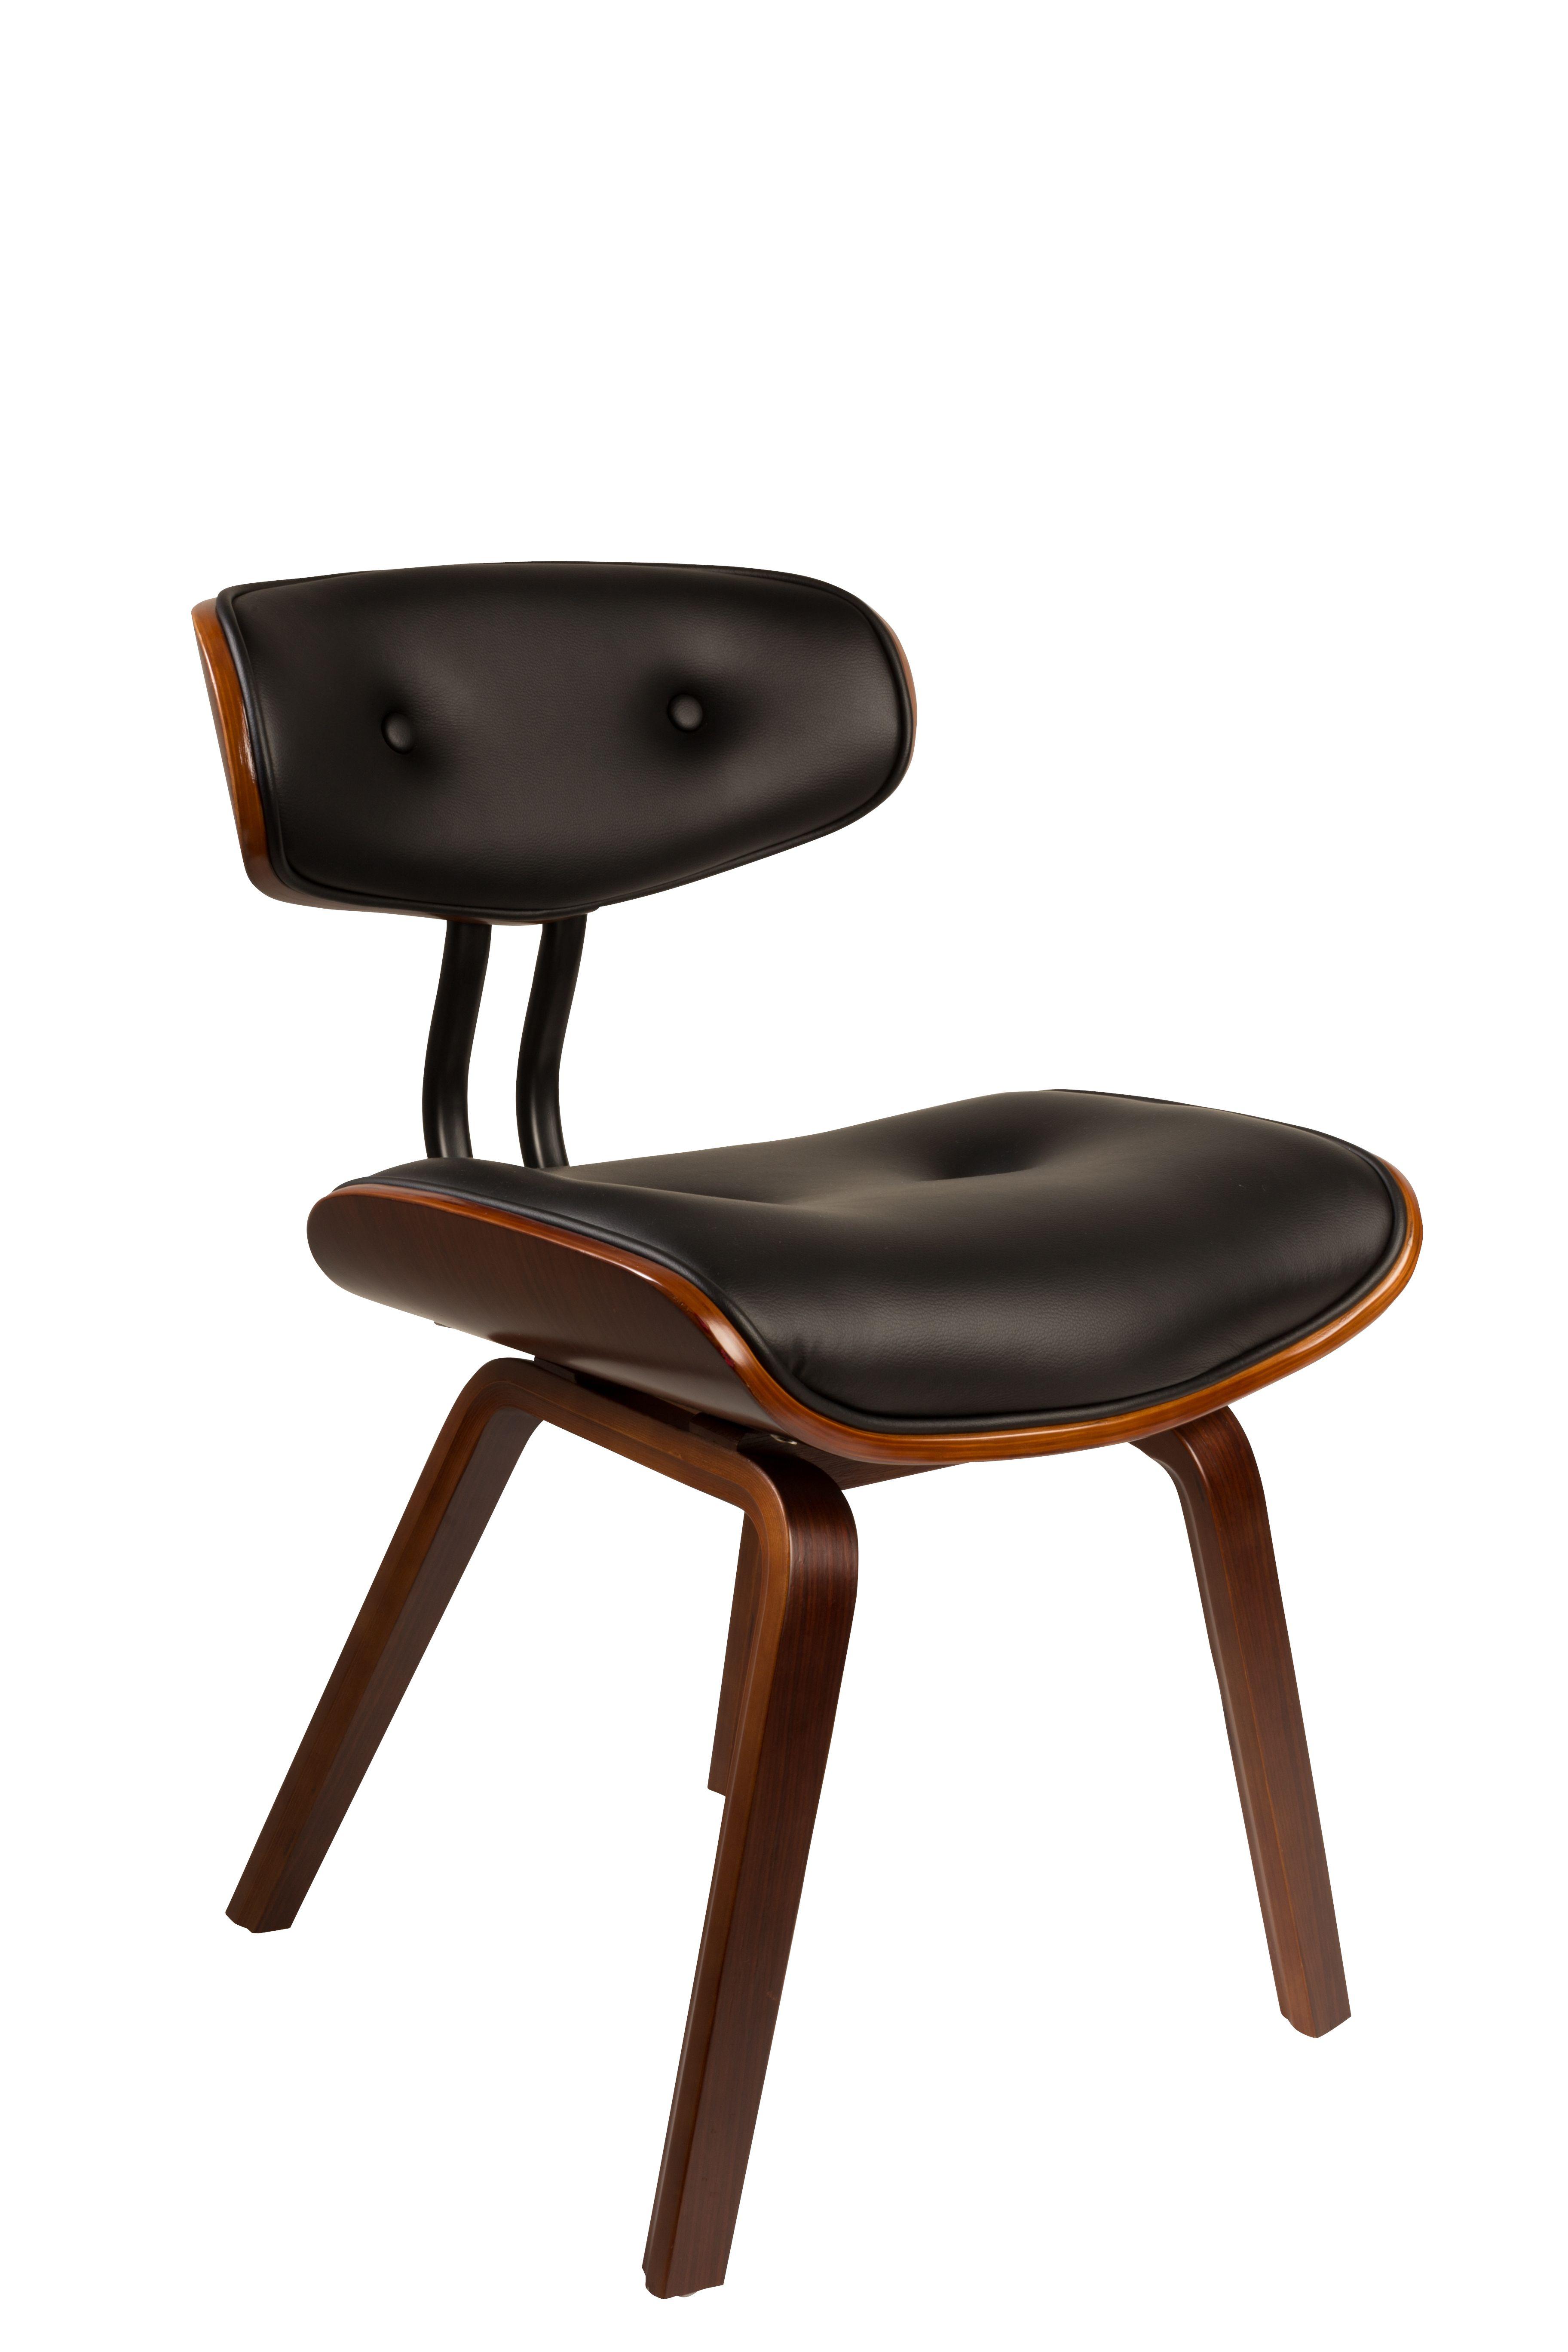 Ikea Houten Keukenstoelen.Blackwood Chair Chairs Eetkamerstoelen Stoelen Houten Stoelen